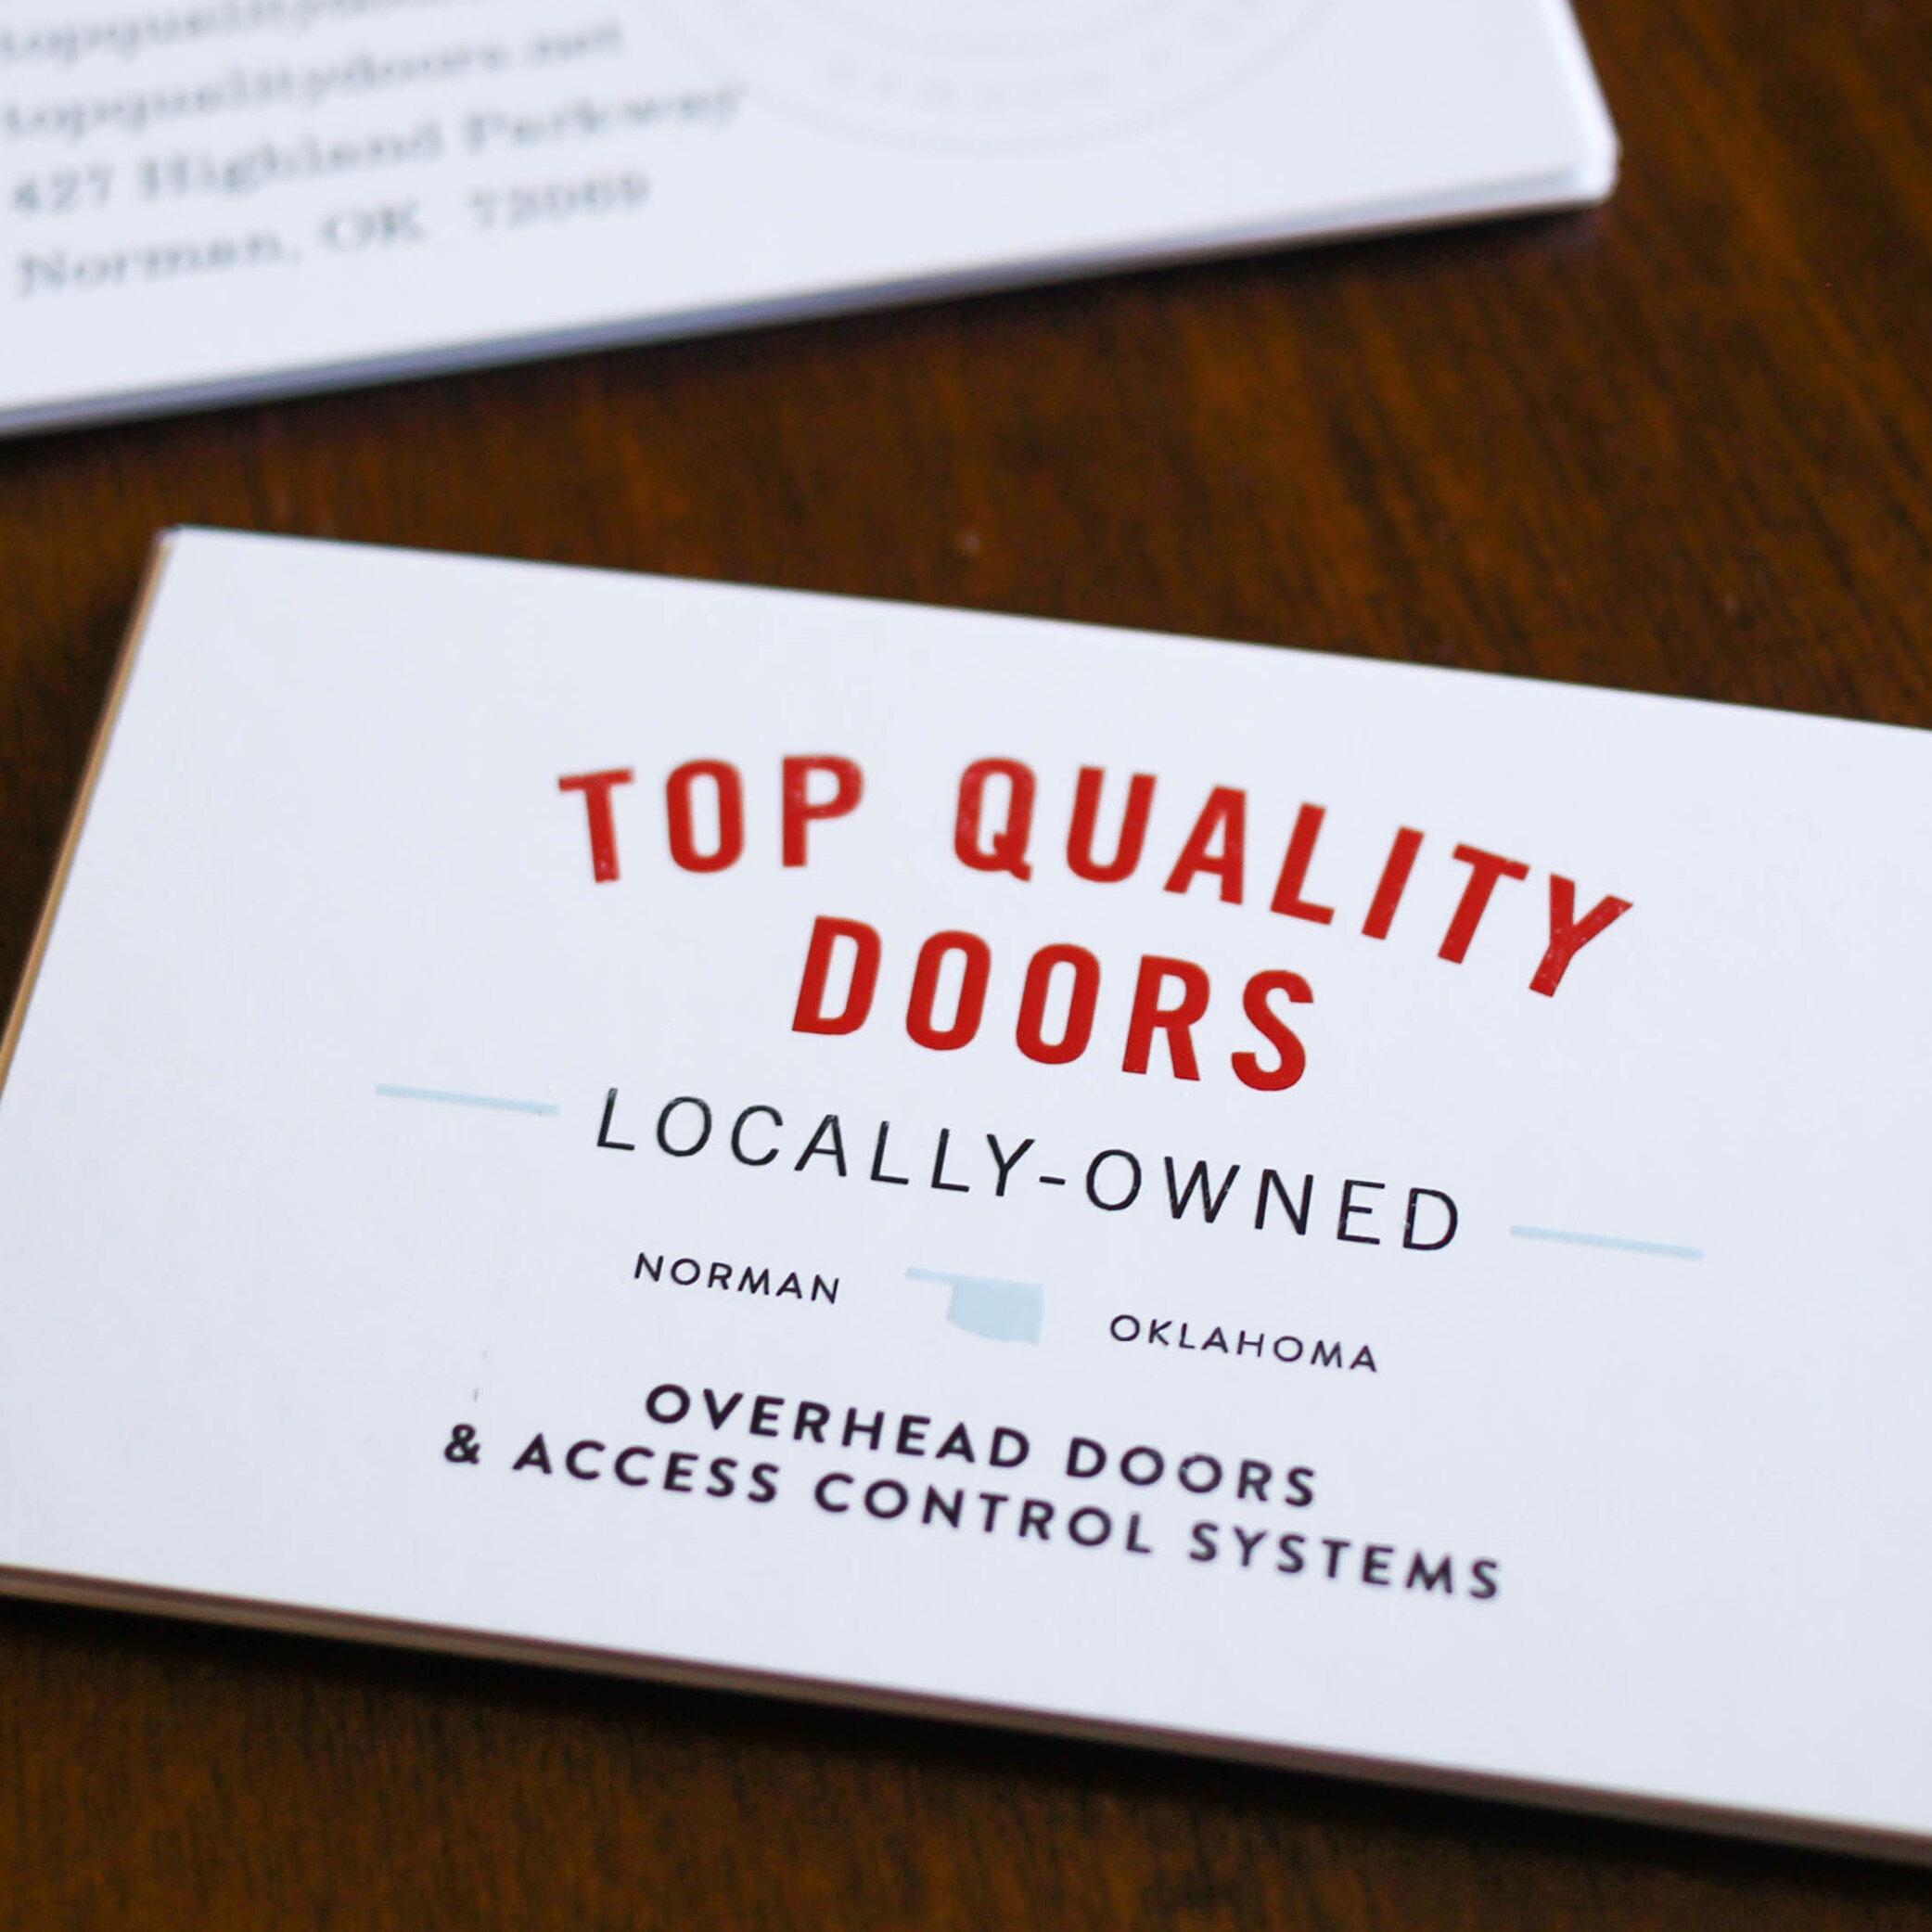 Top Quality Doors